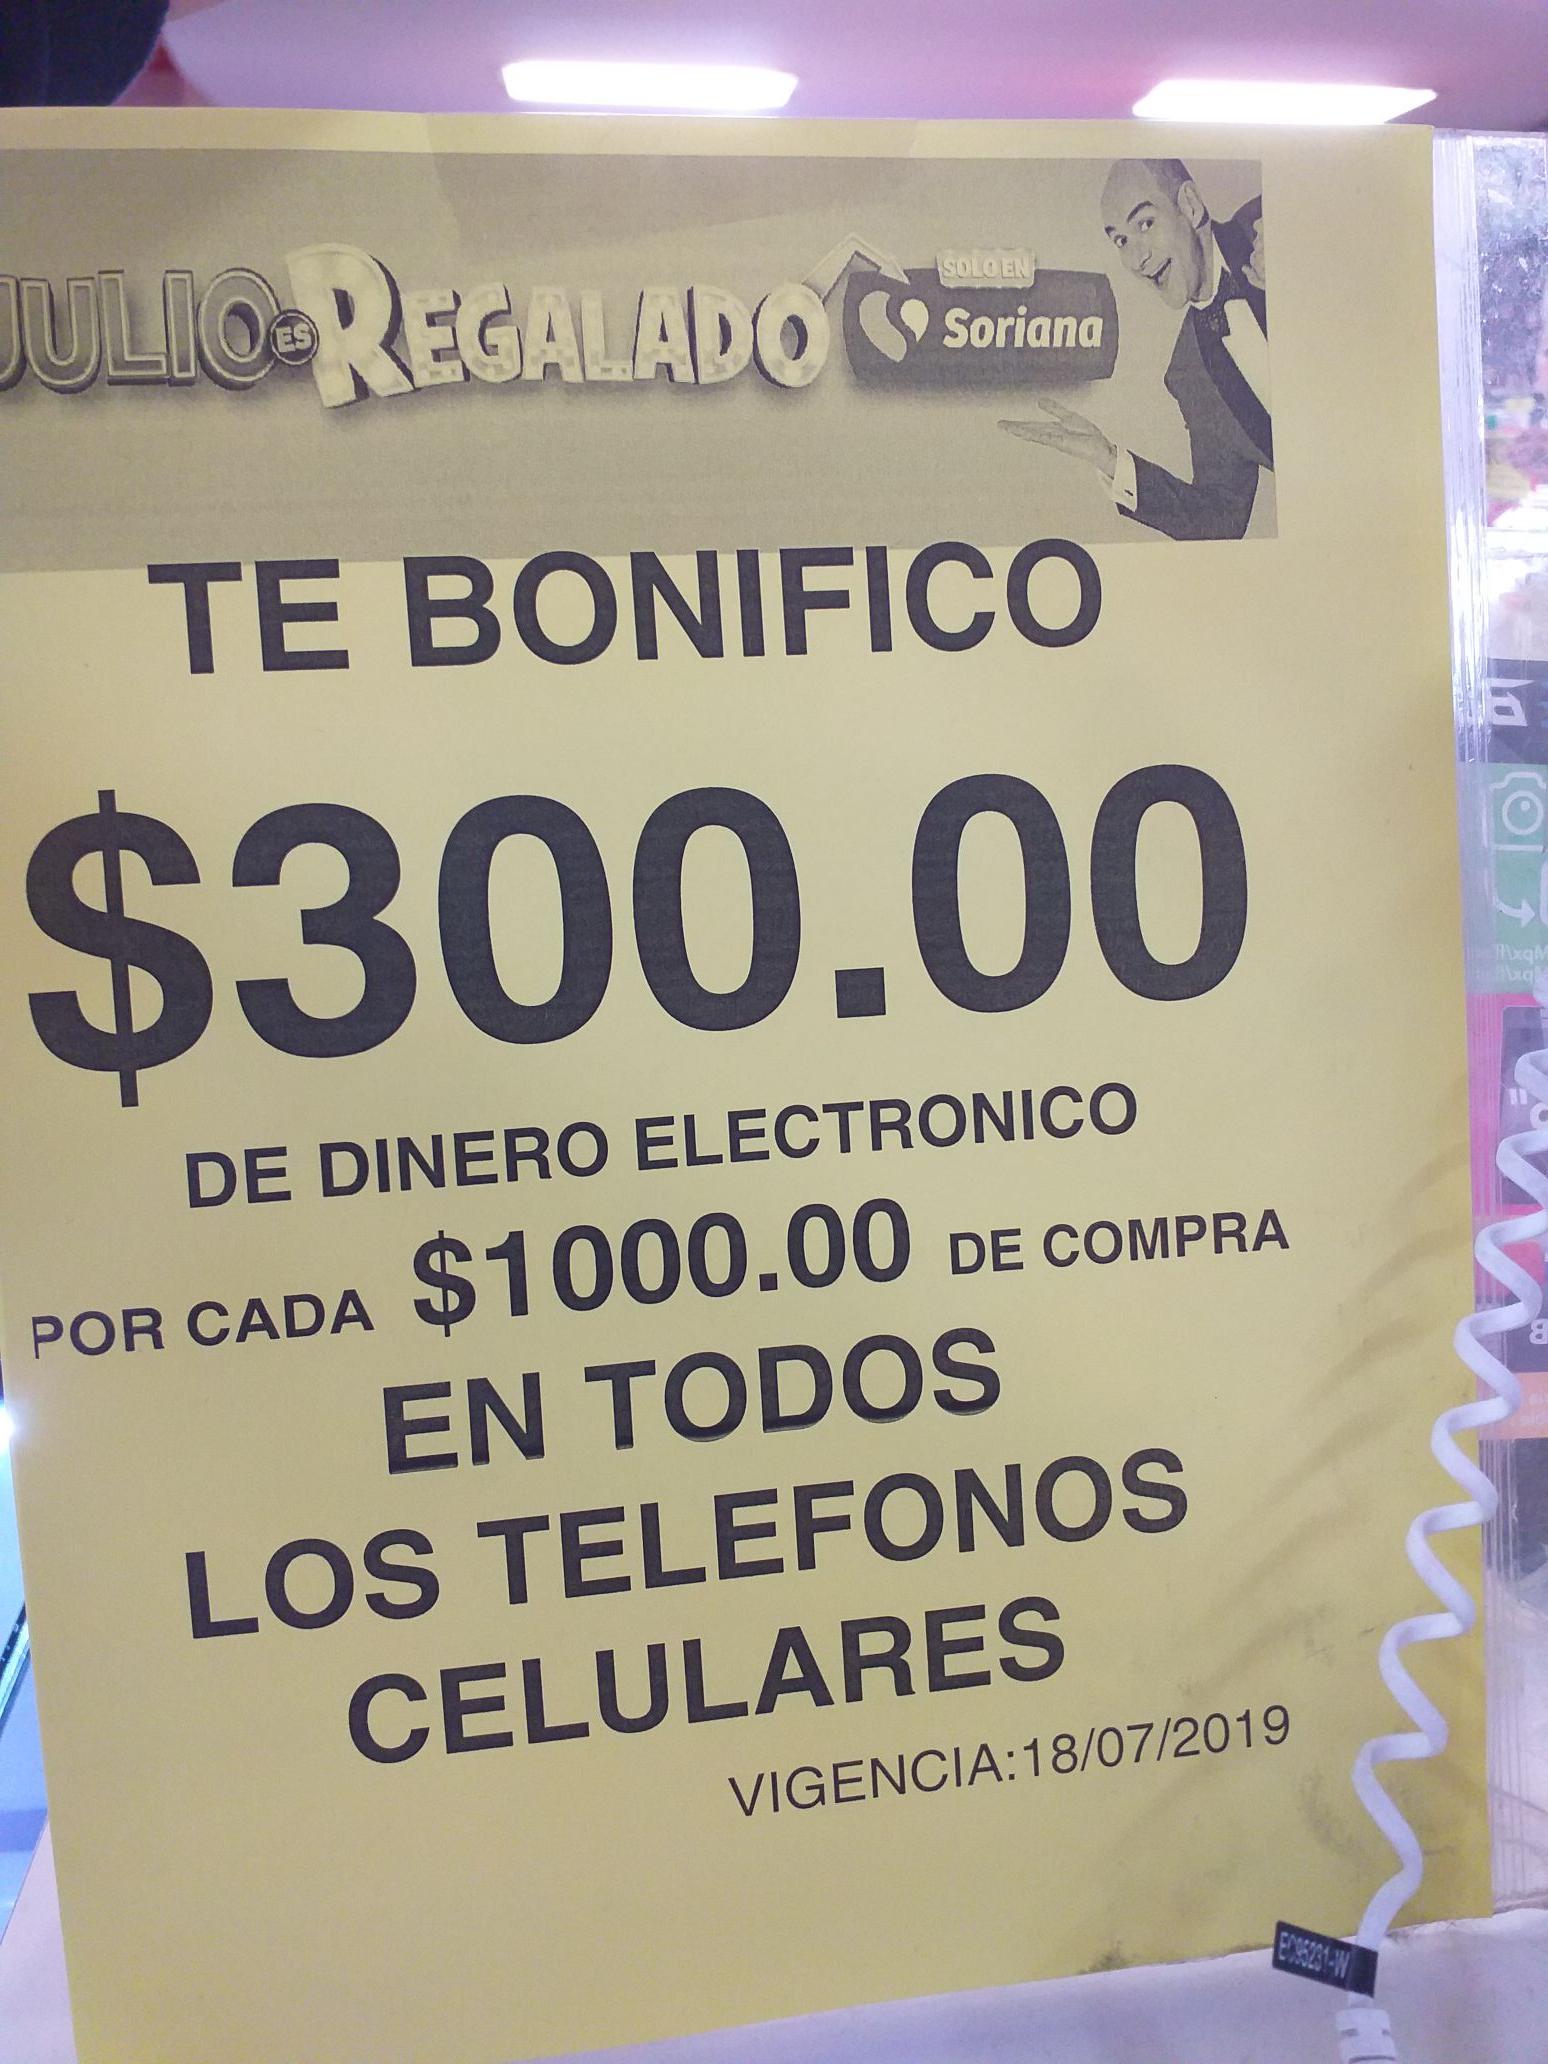 Julio Regalado  2019 en Soriana: Bonificacion de 300 pr cada 1000 en dinero electronico